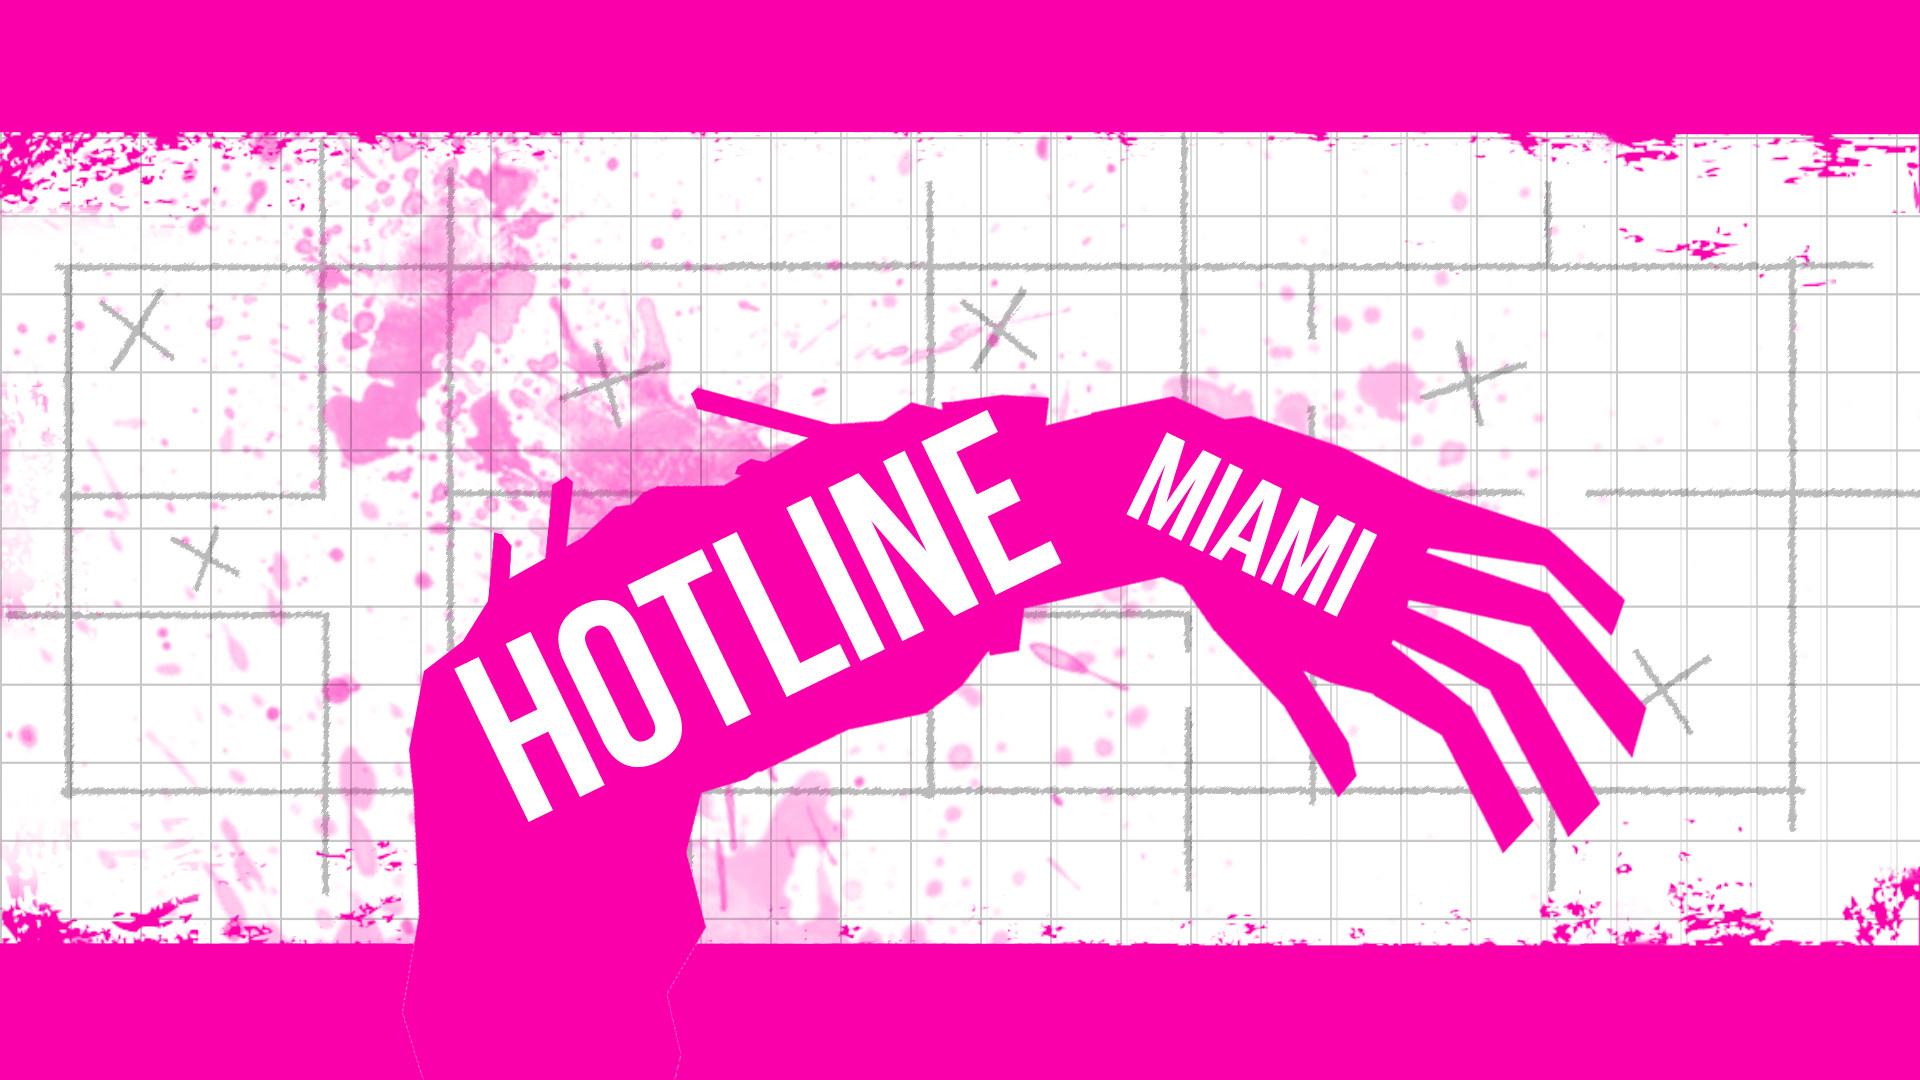 Hotline Miami Wallpaper HD